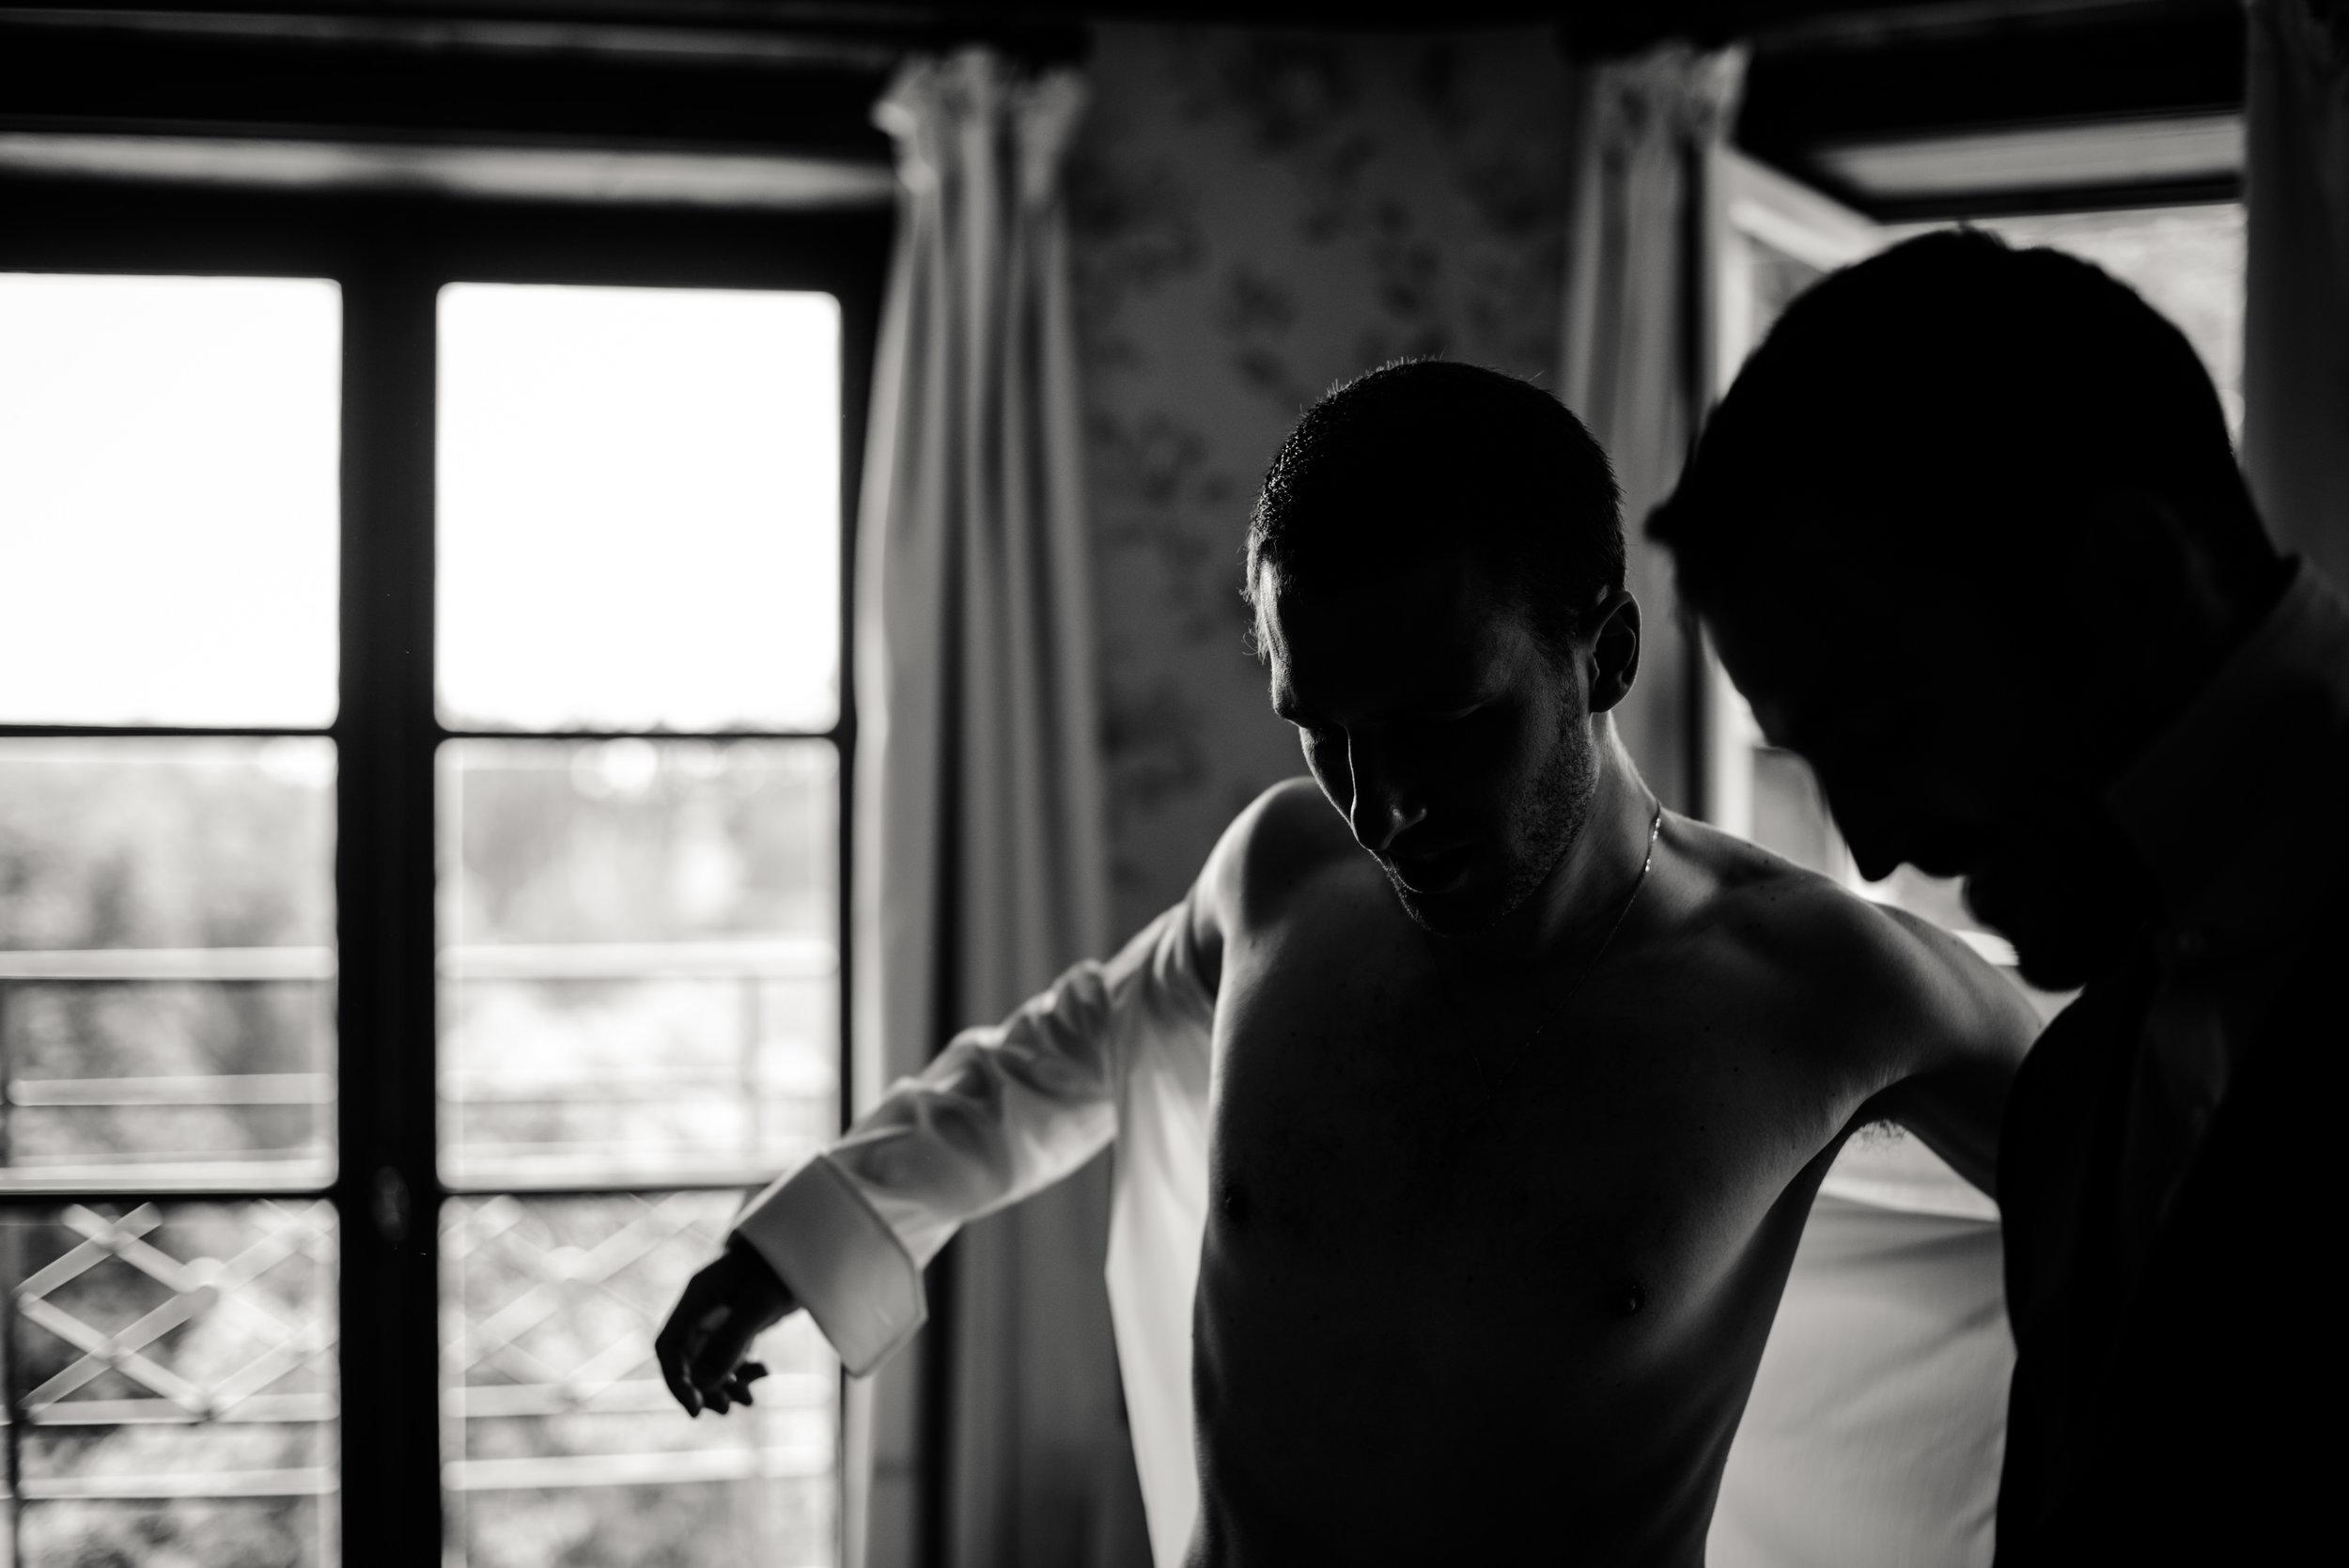 Léa-Fery-photographe-professionnel-lyon-rhone-alpes-portrait-creation-mariage-evenement-evenementiel-famille-4912.jpg